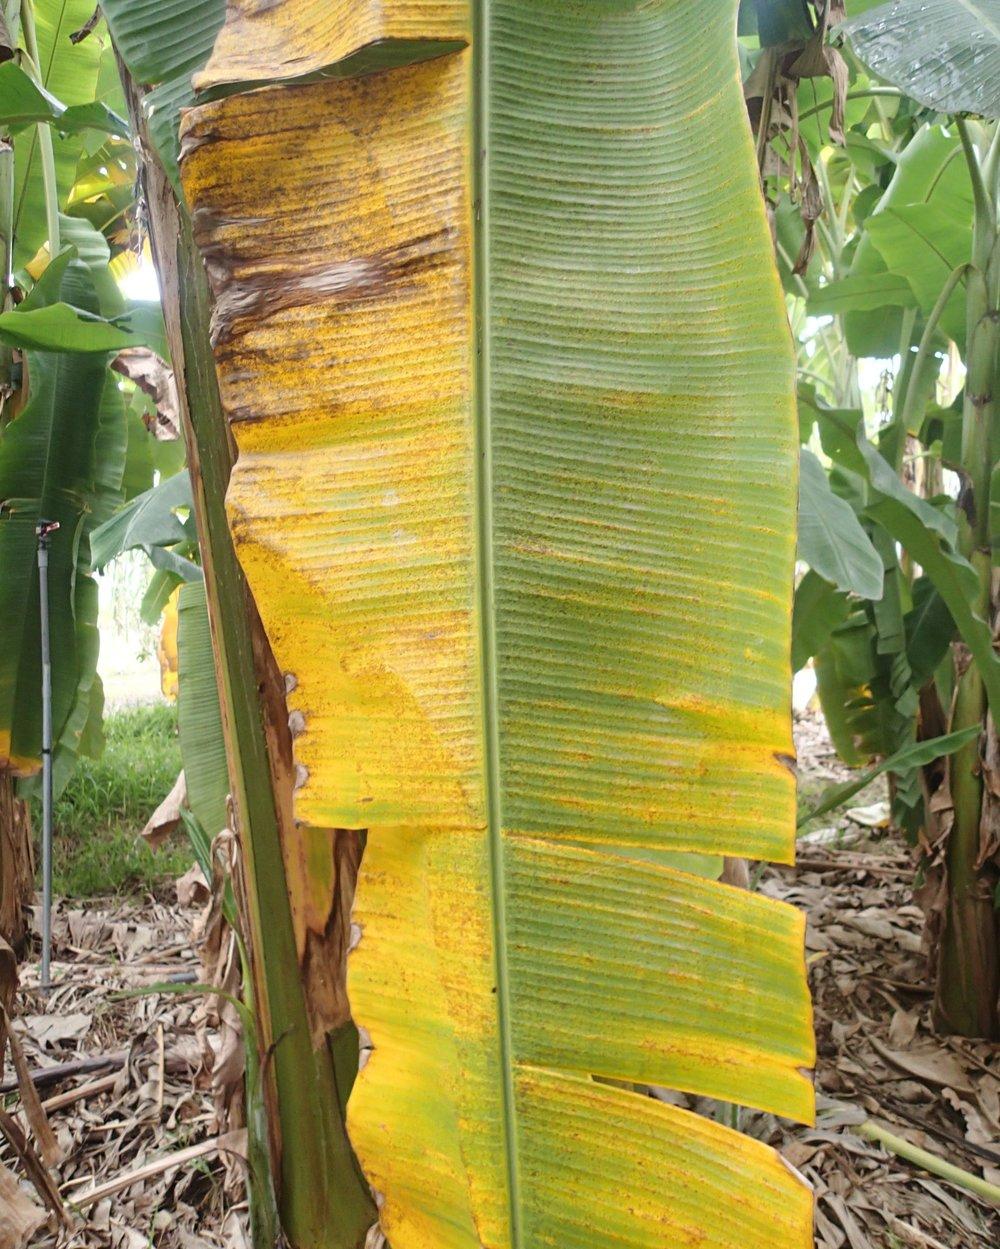 diseased banana leaf.jpg